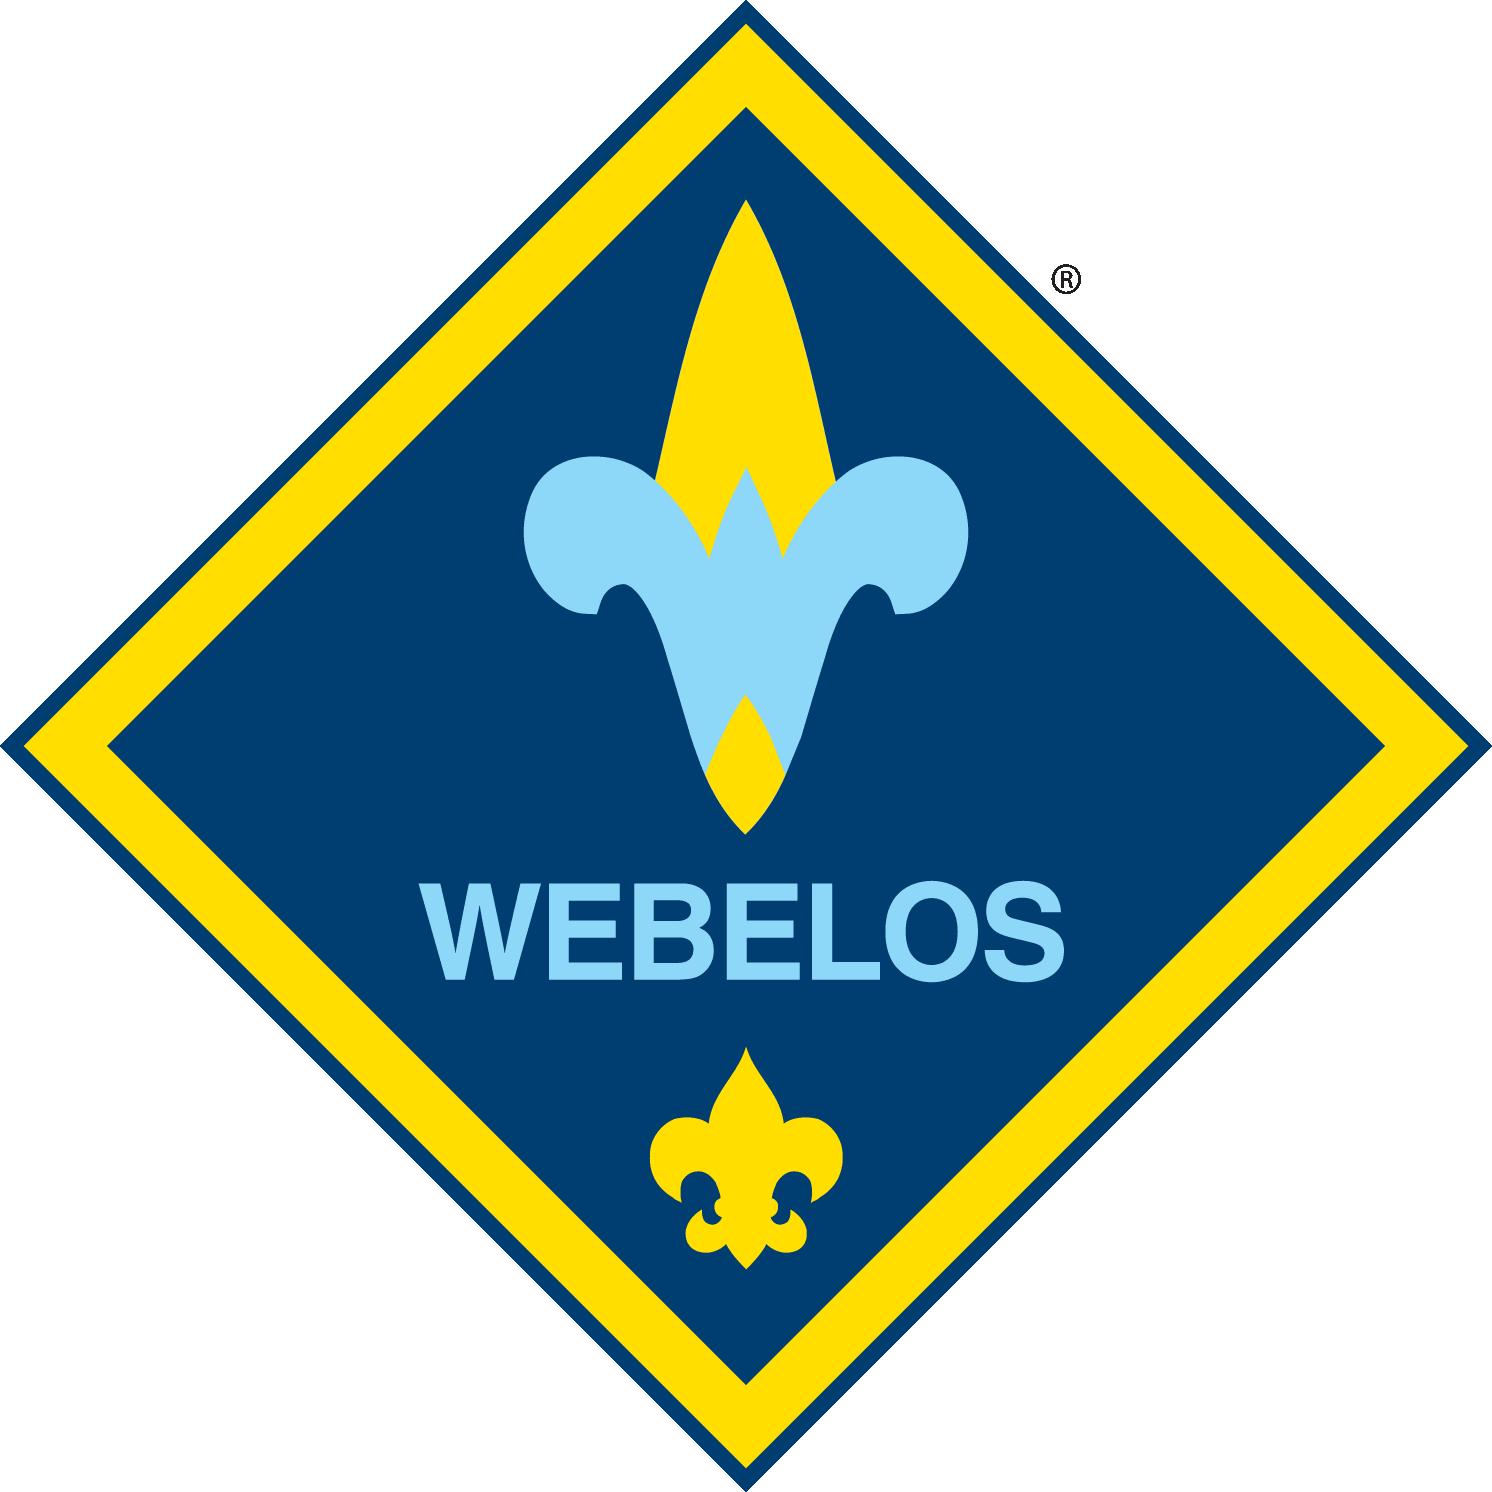 webelosdmnd_4k